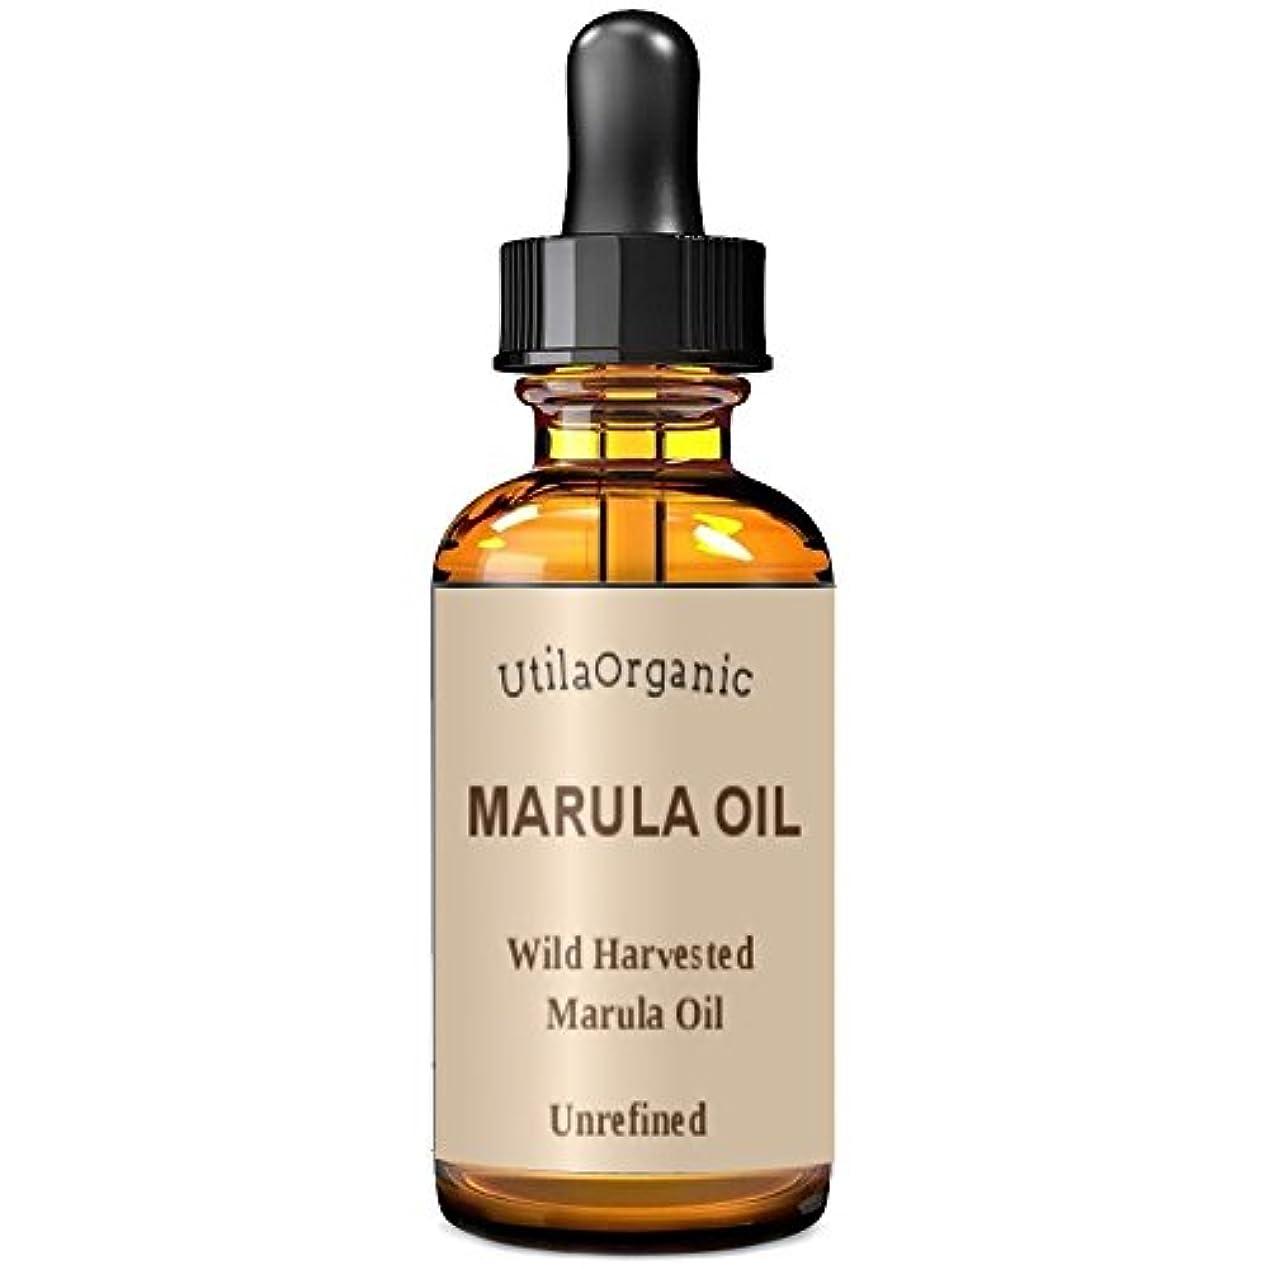 ますます目に見える葉巻未精製 マルラオイル 60ml Marula Oil 100% pure and natural 【並行輸入品】